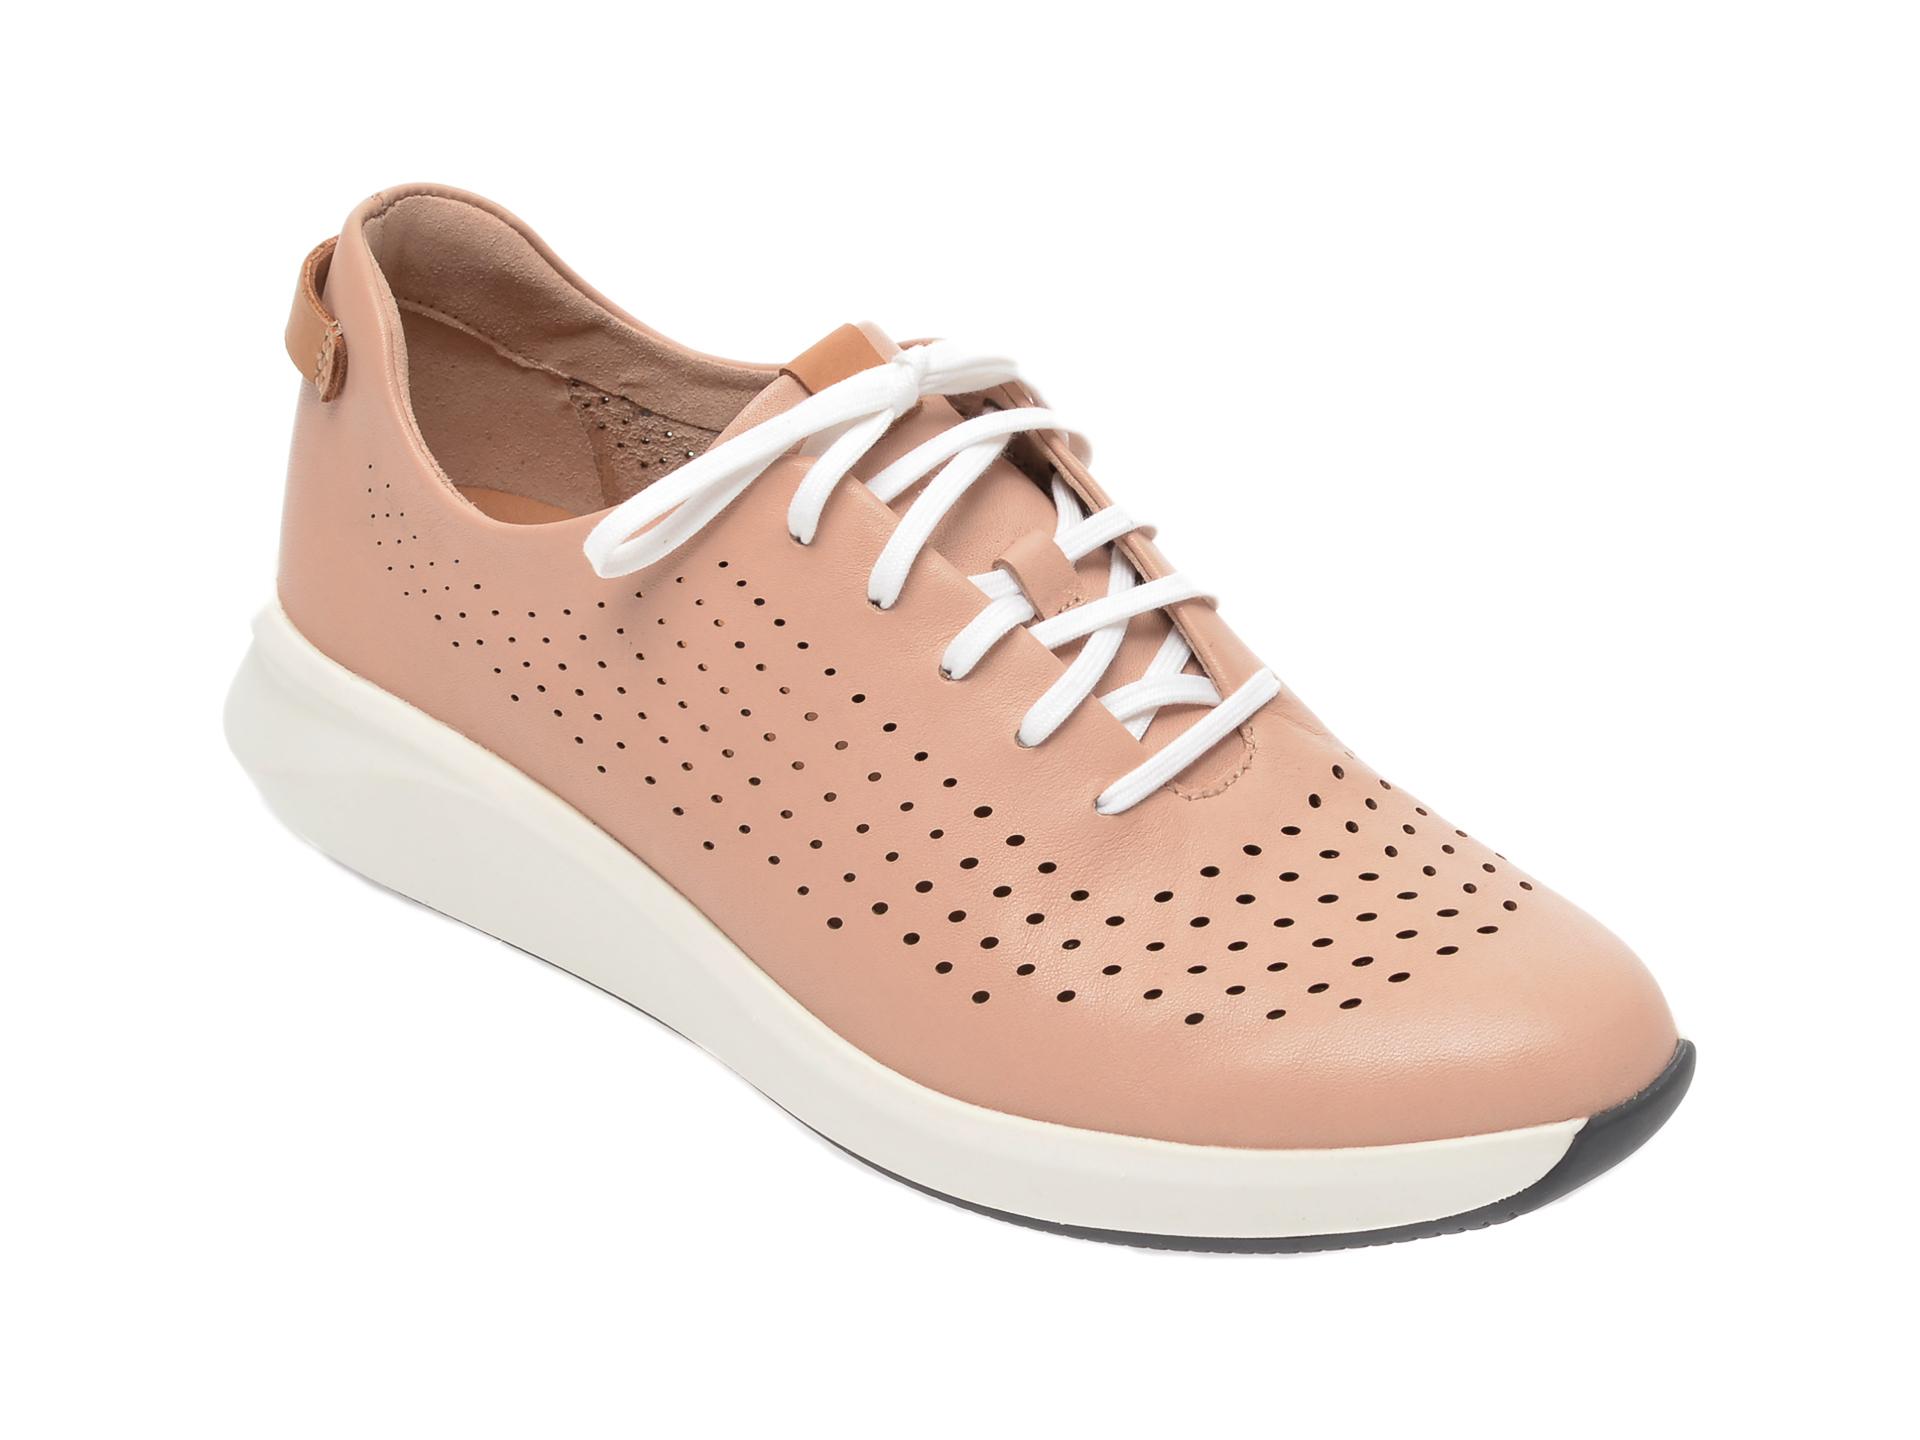 Pantofi vara CLARKS nude, Un Rio Tie, din piele naturala imagine